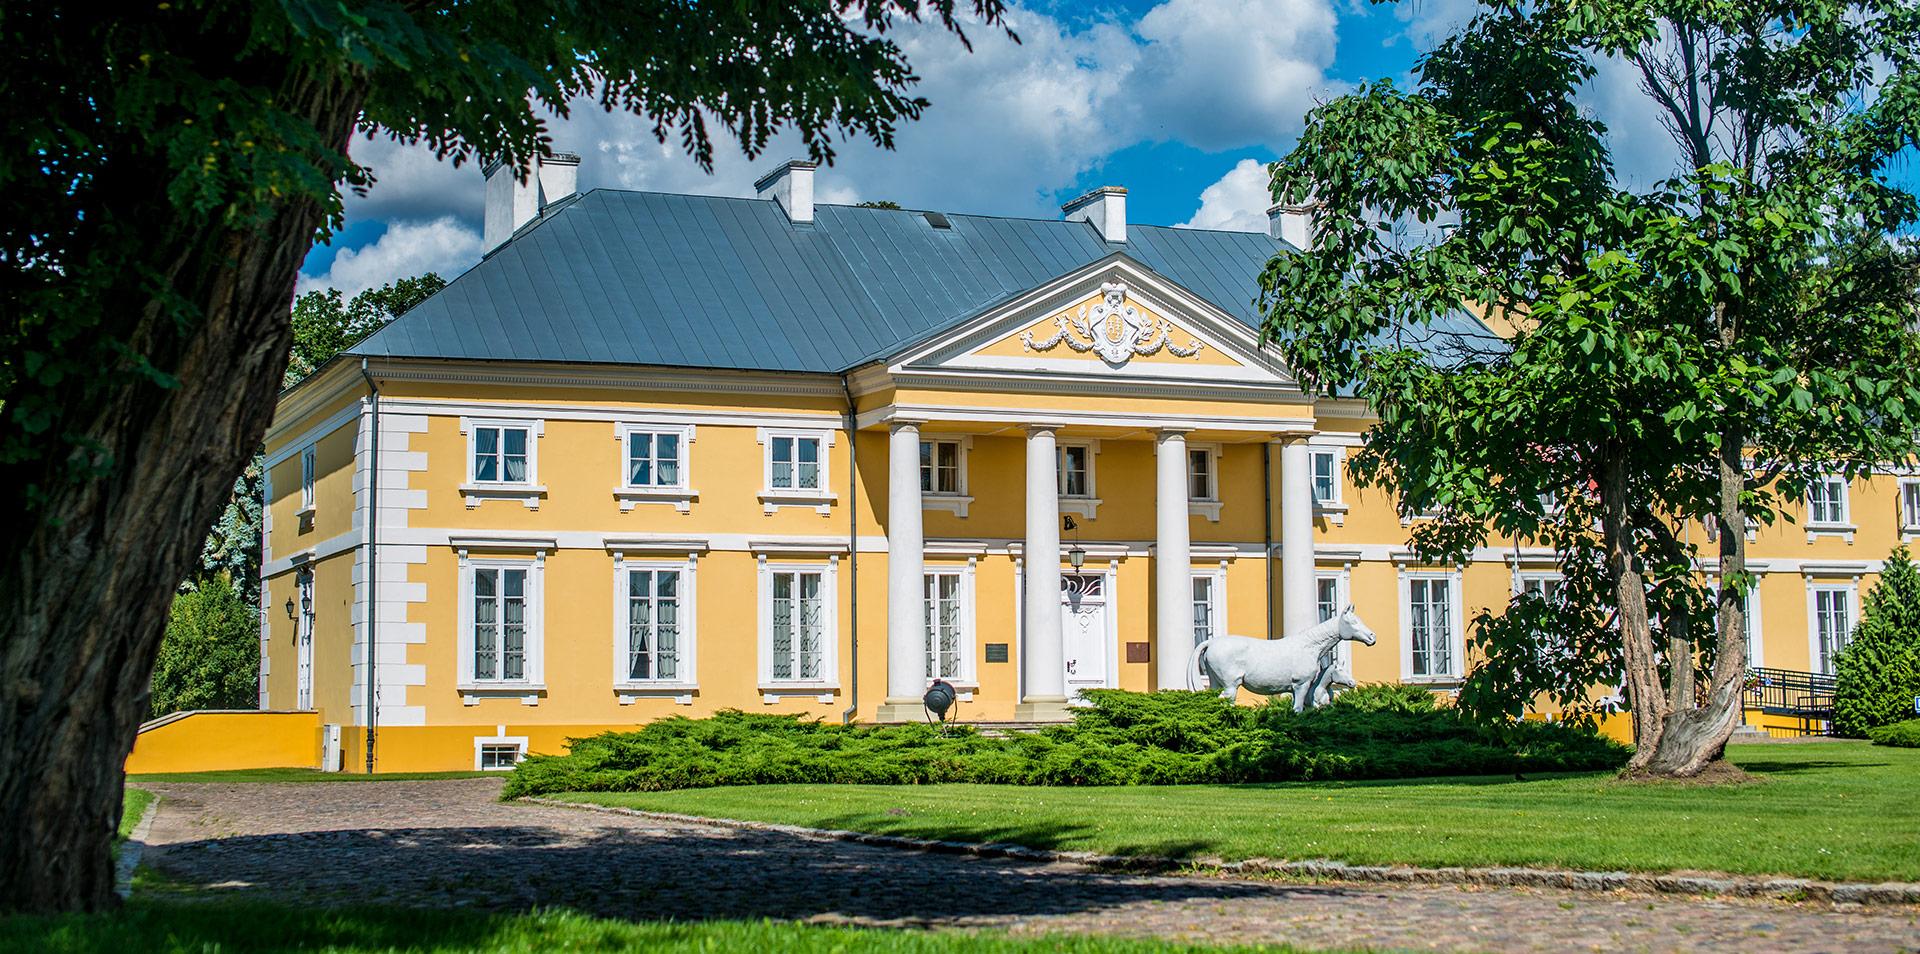 Pałac Racot - racot.pl